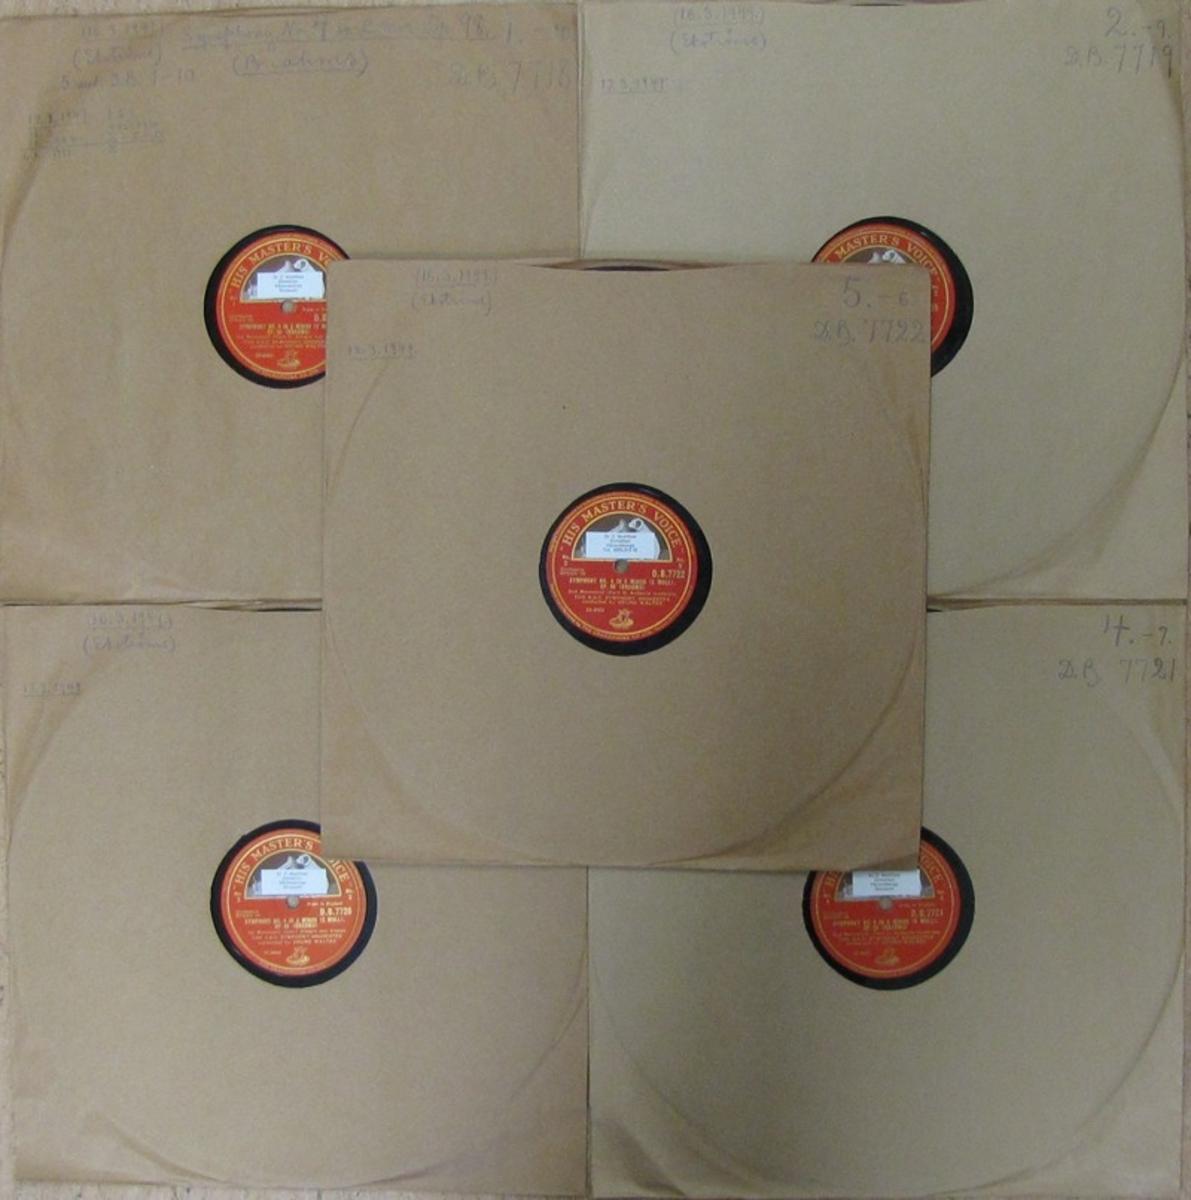 Vinylskivor av märket His Master's Voice